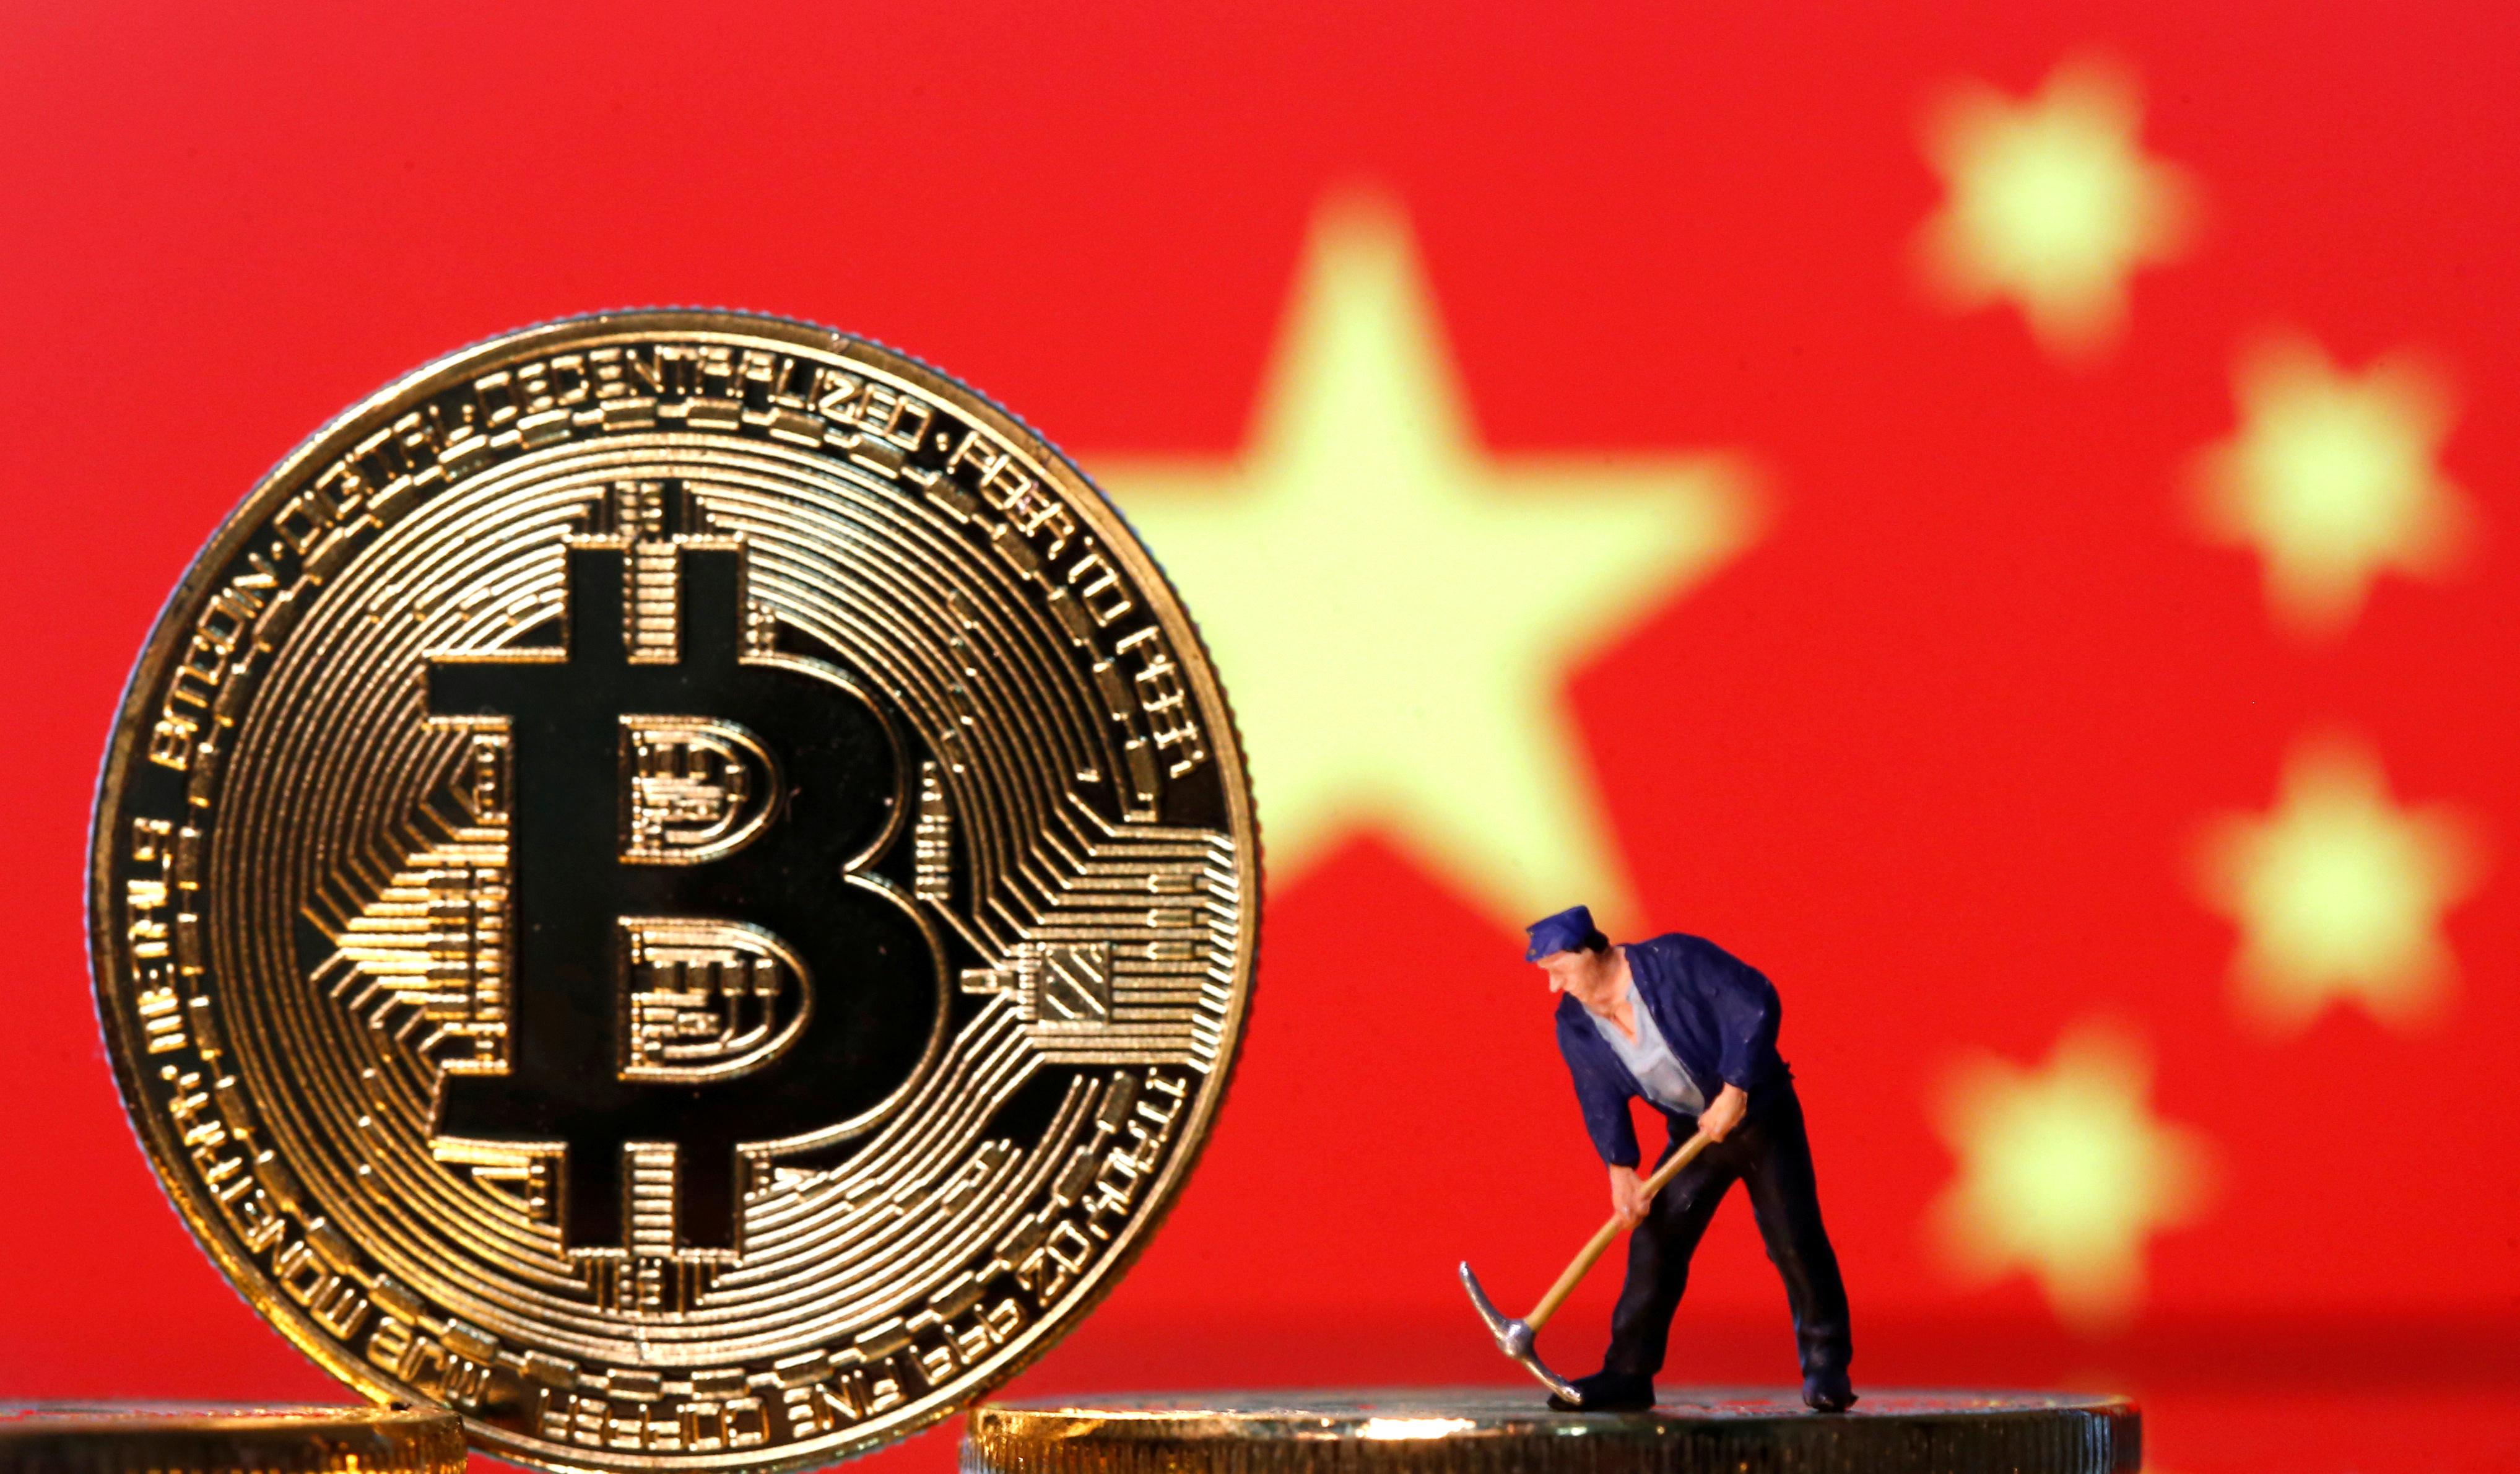 Çin kripto paralarla ilgili tüm işlemleri yasakladı